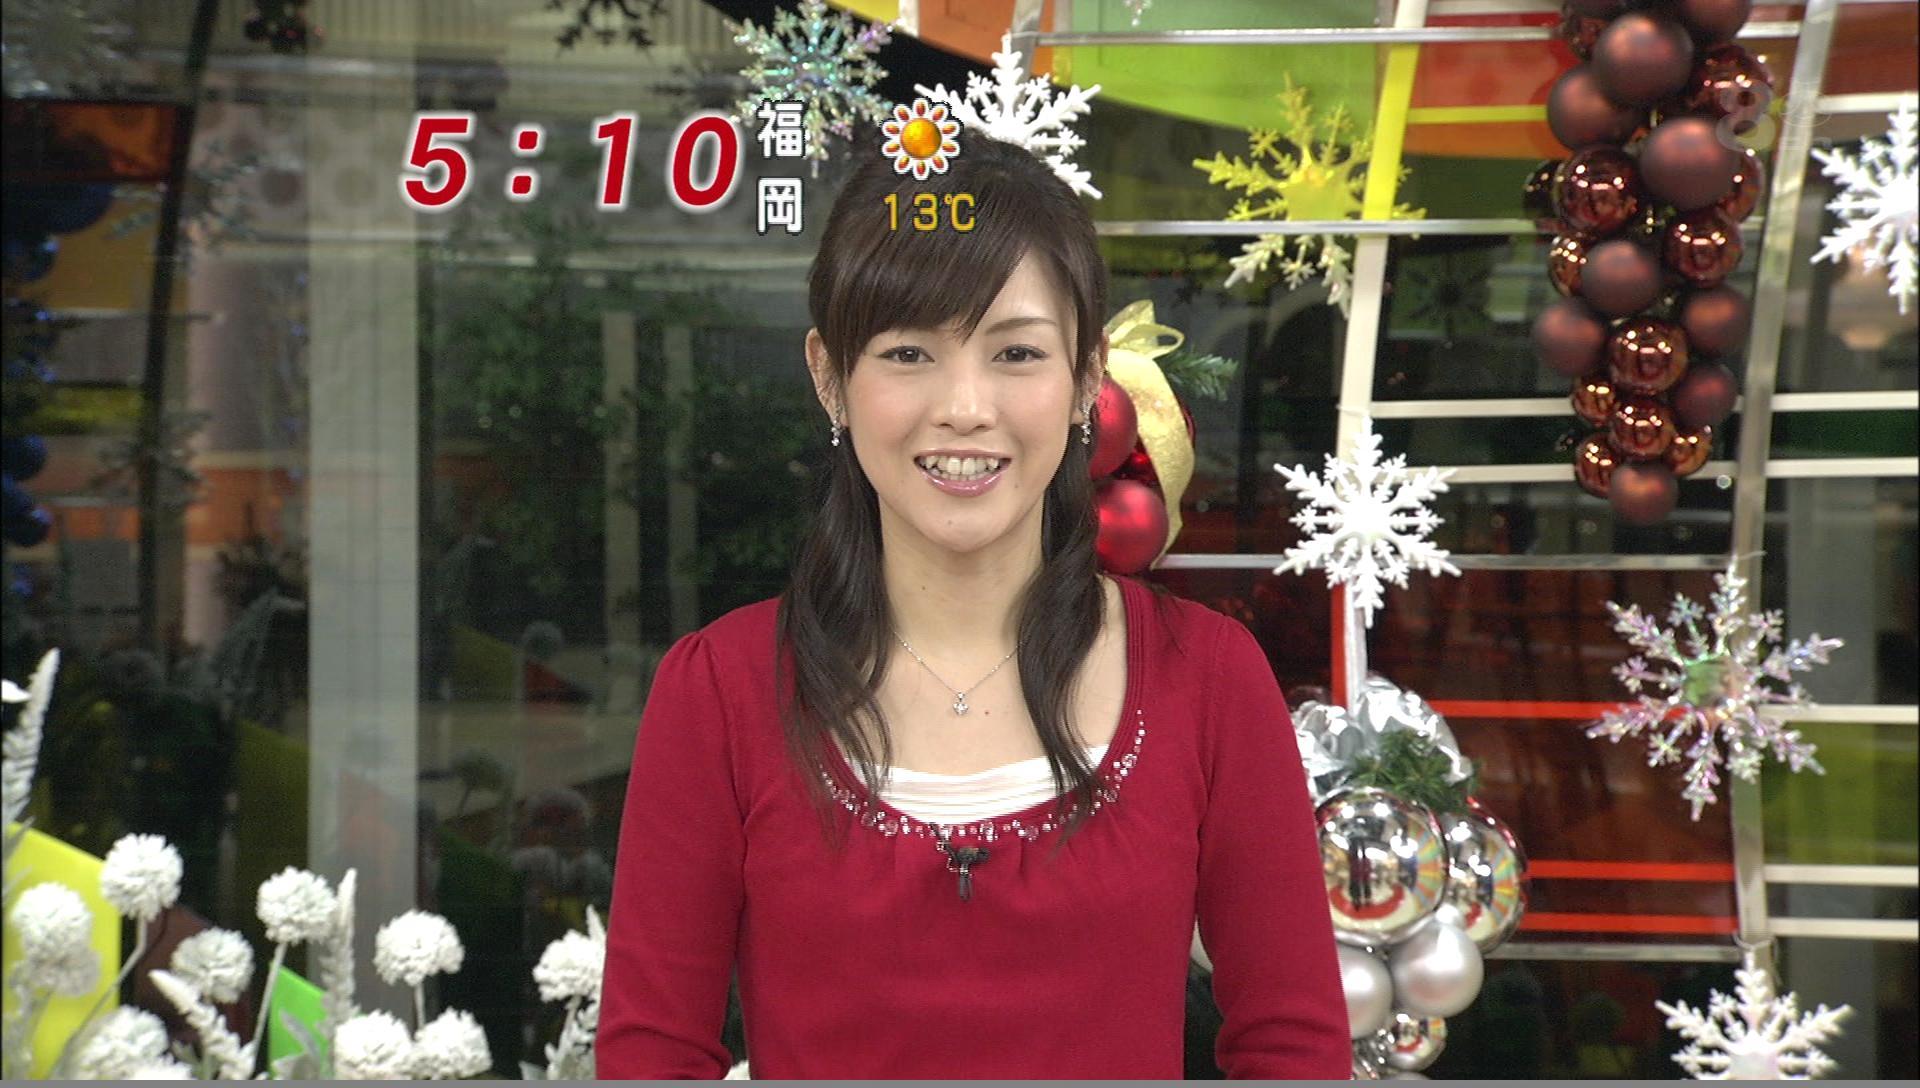 杉崎美香 八重歯がかわいいキャプ画像(エロ・アイコラ画像)